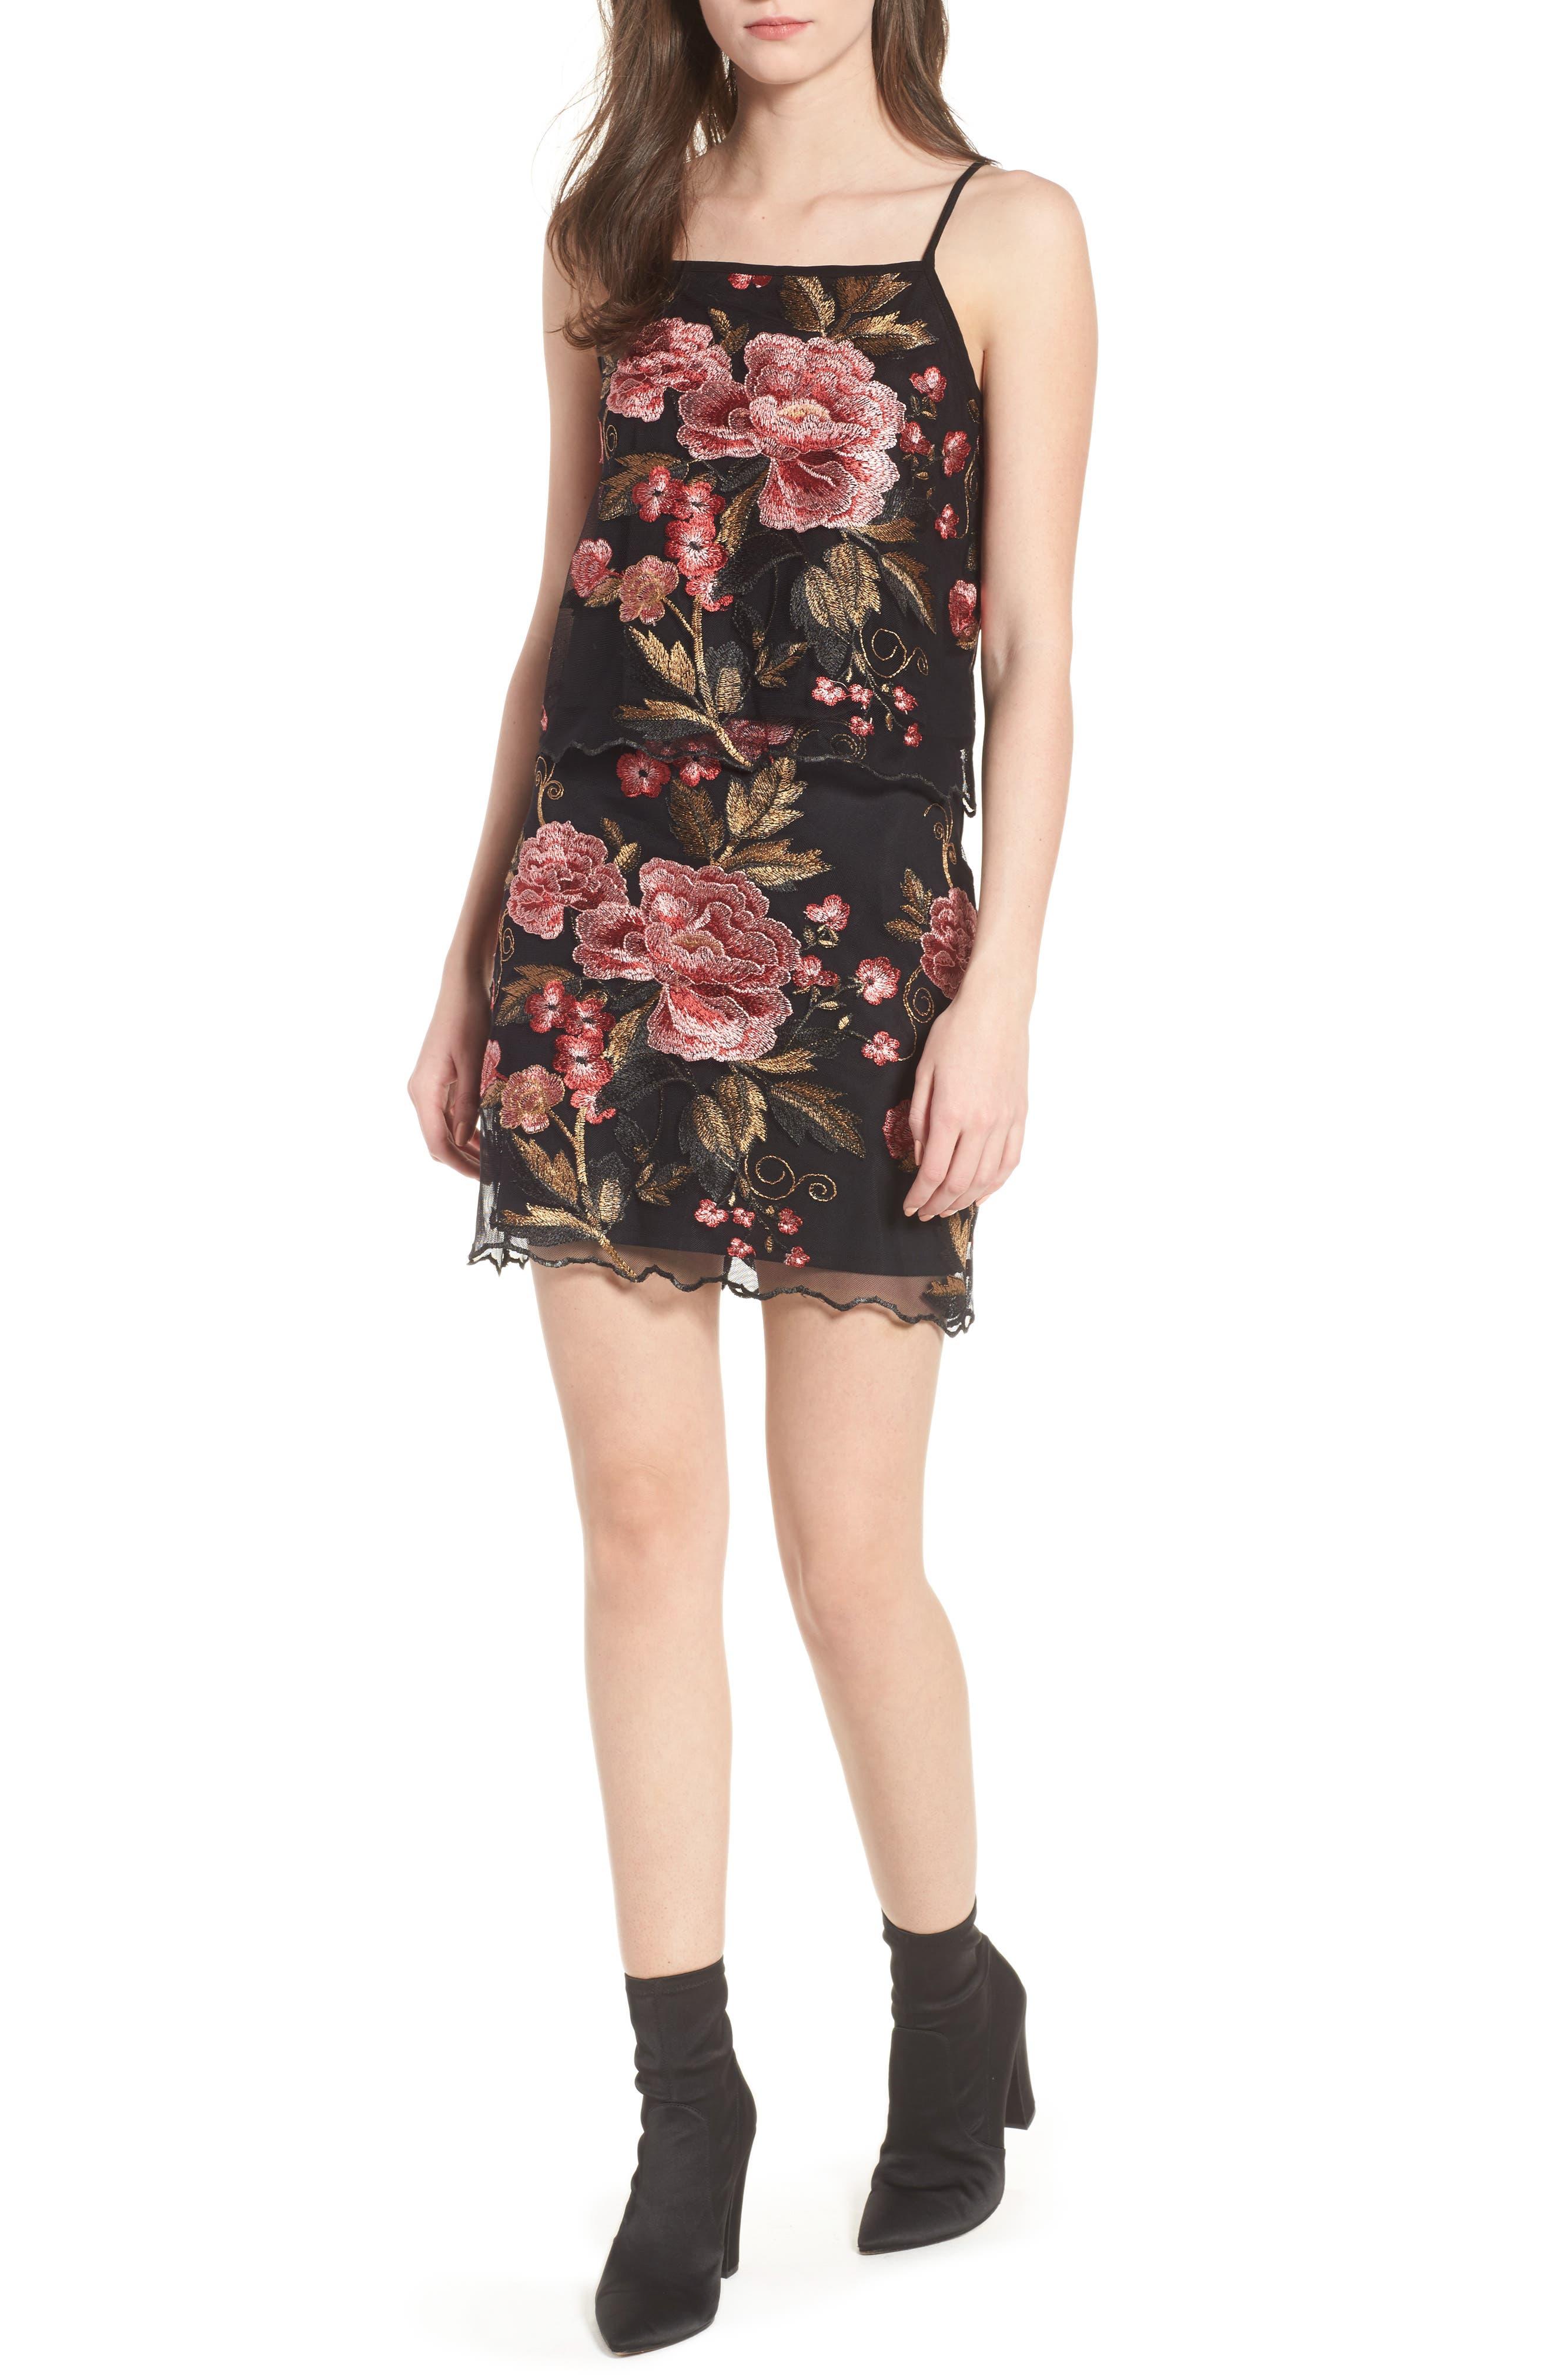 Sunset Embroidered Skirt,                             Alternate thumbnail 2, color,                             Black/ Rose